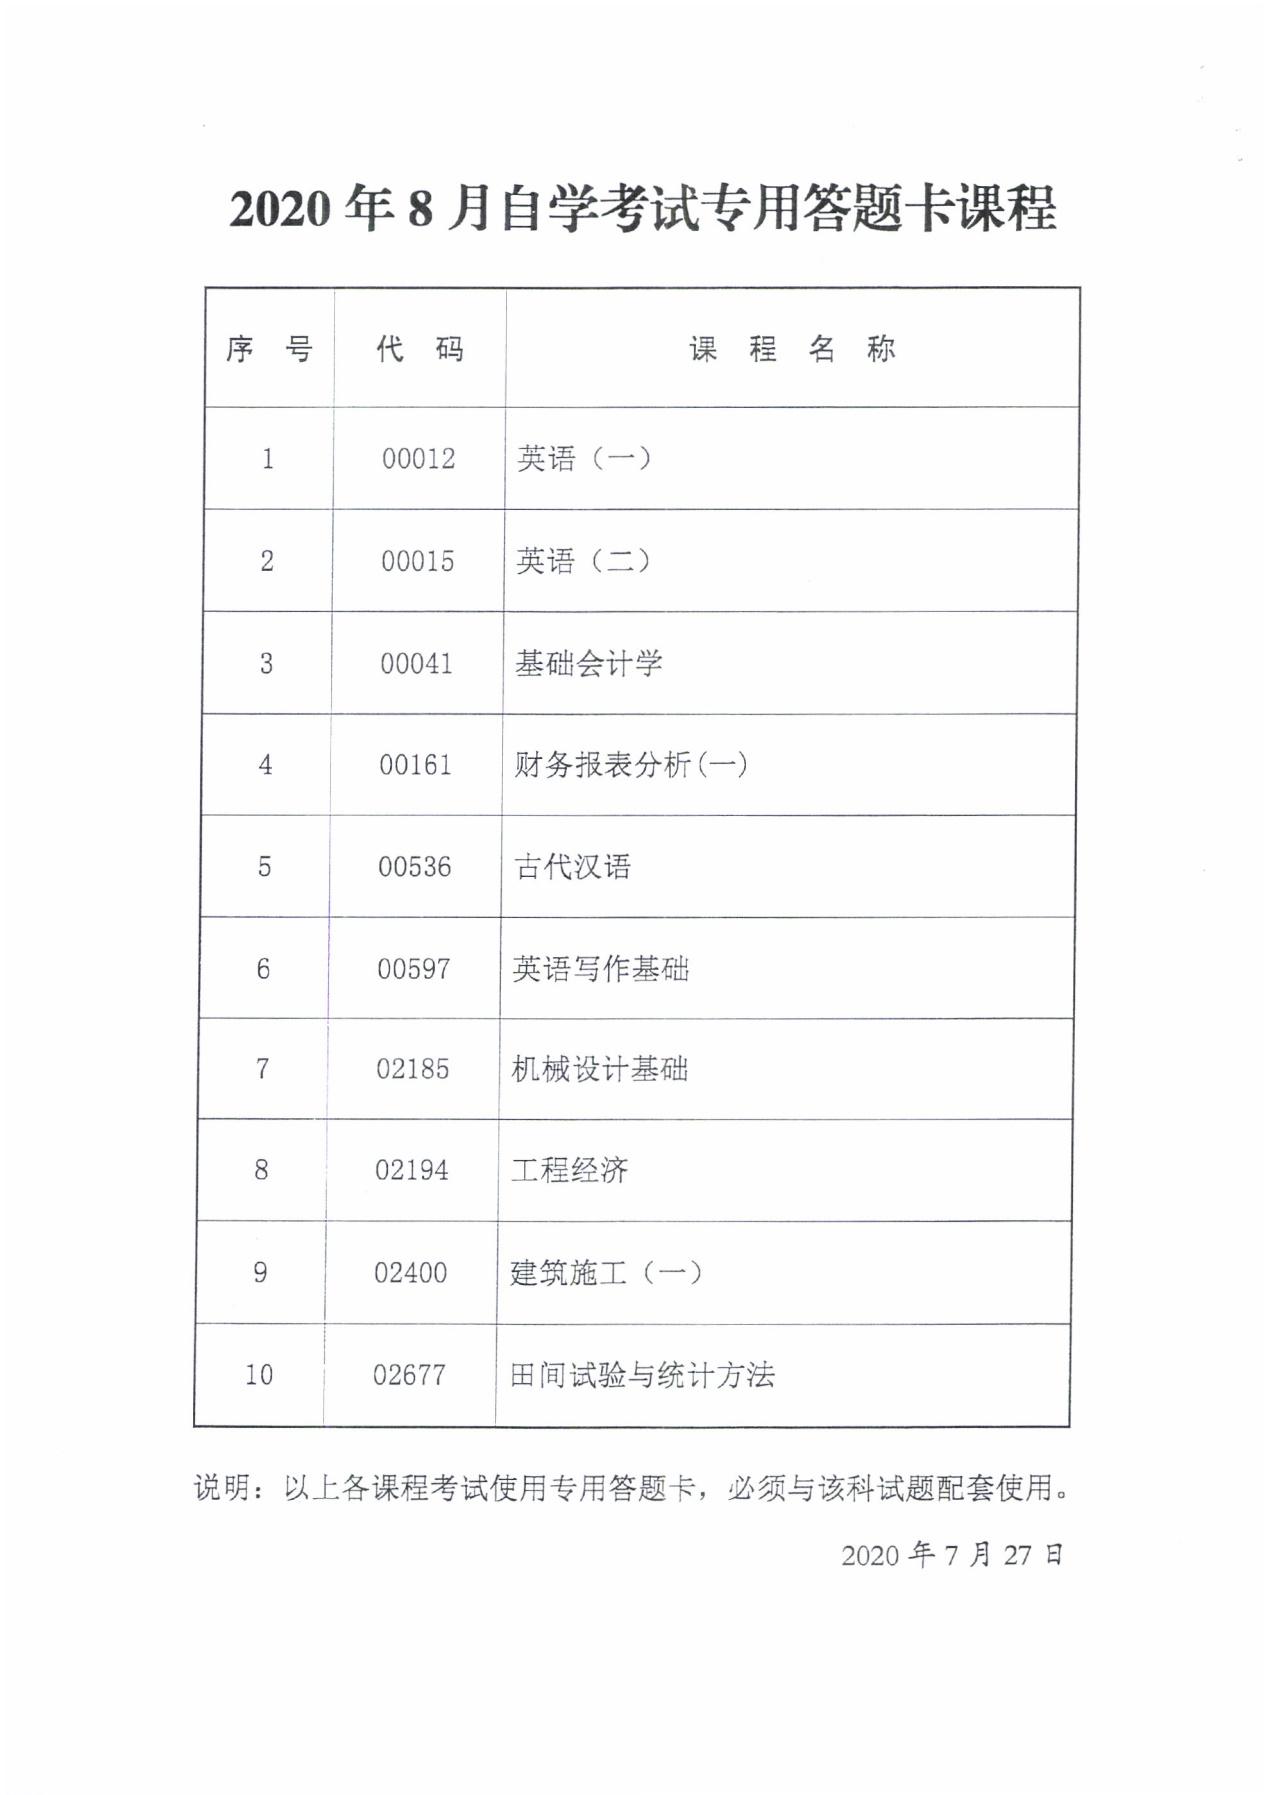 说明:C:\Users\KSZX\Documents\Tencent Files\363149121\FileRecv\2020年8月考试专用答题卡课程0001.jpg